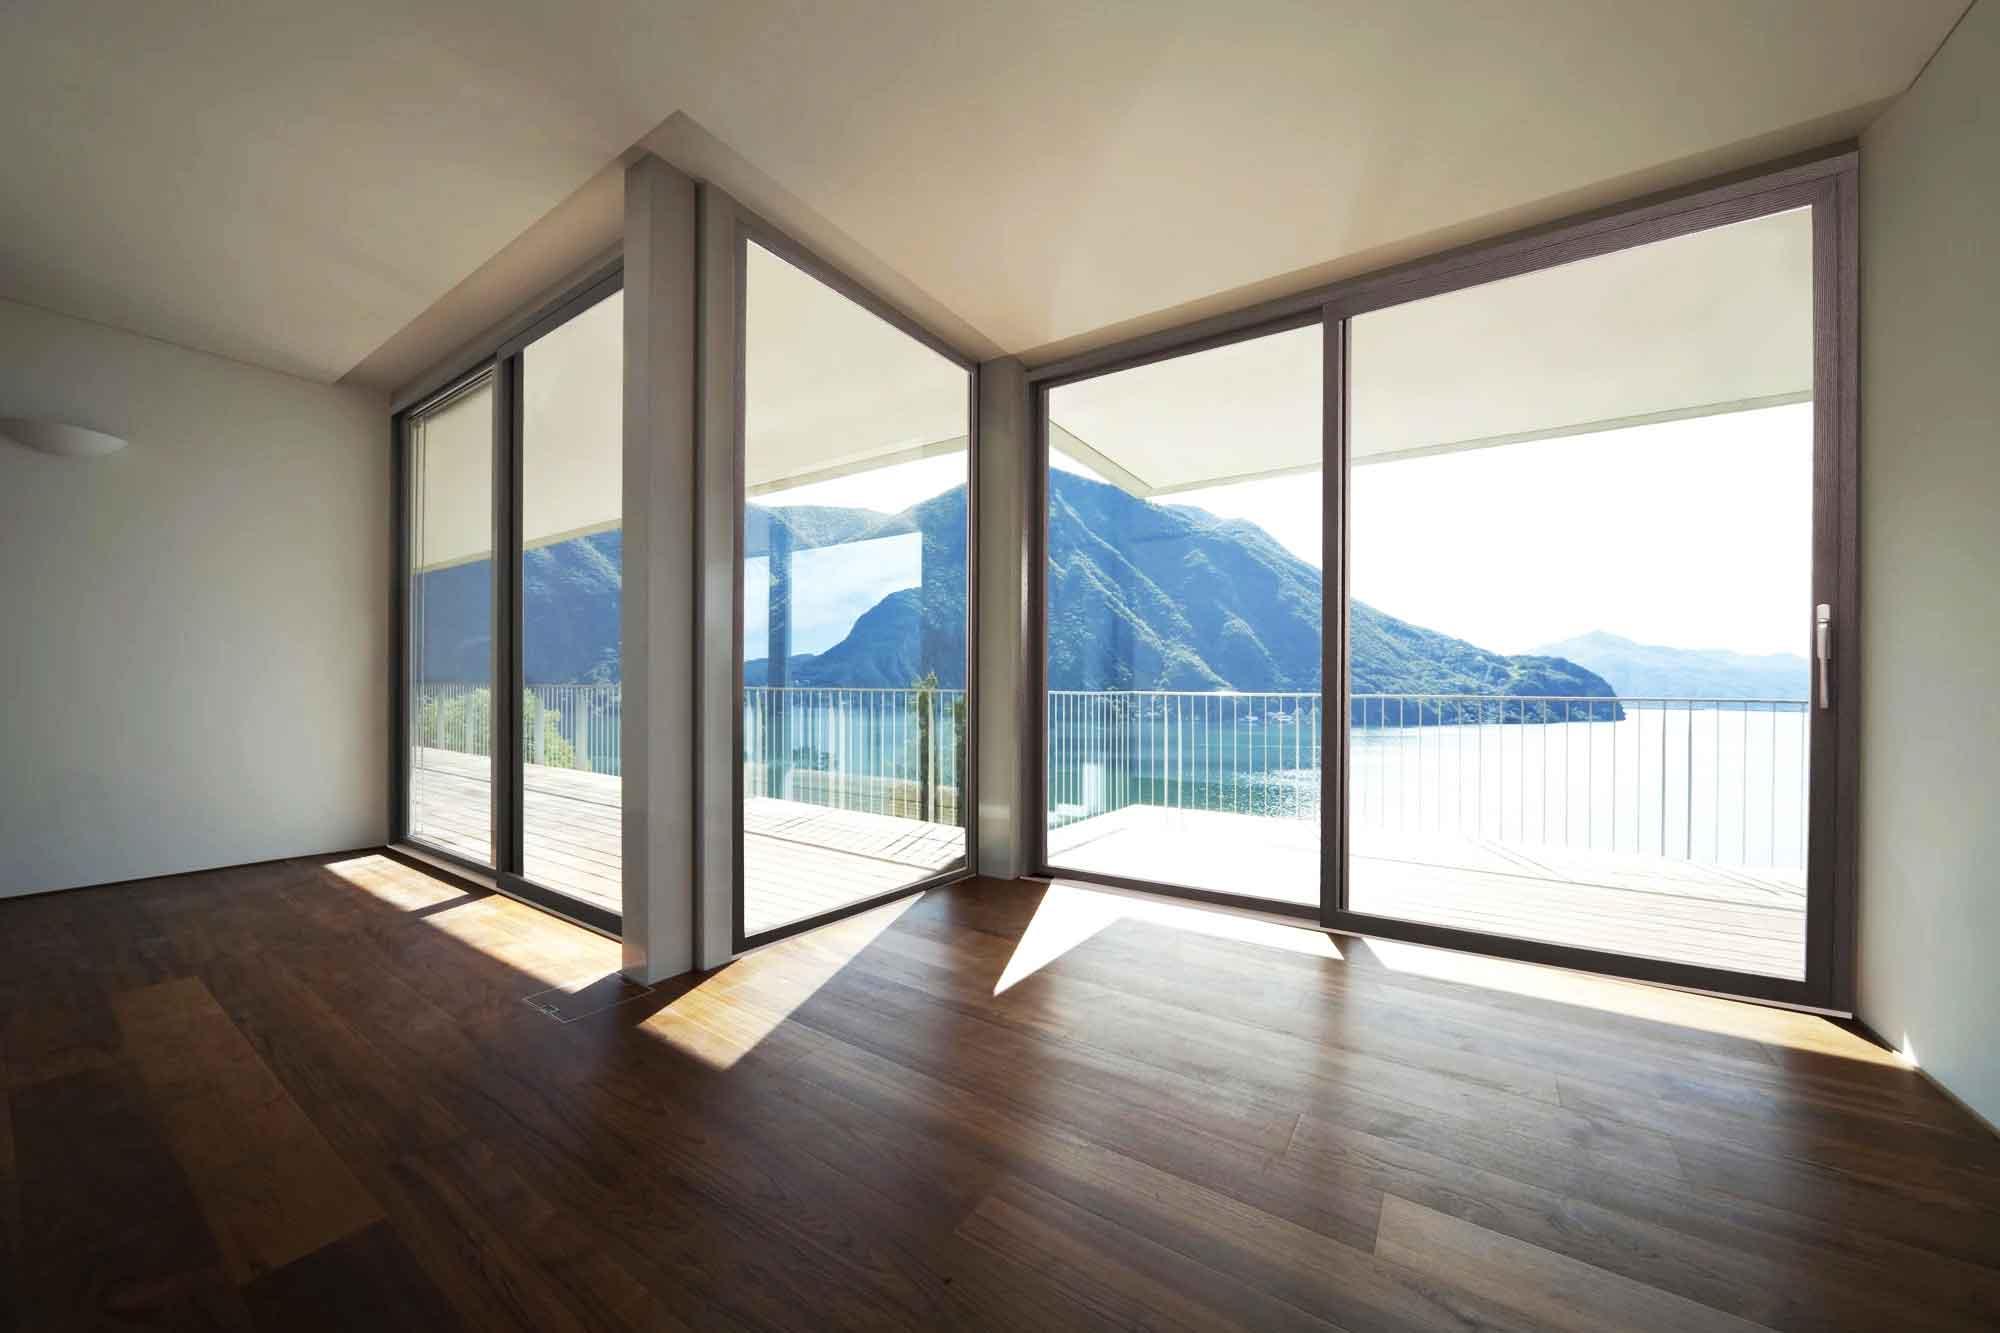 درب-و-پنجره-upvc-دوجداره-آماج-صنعت-آذر-2